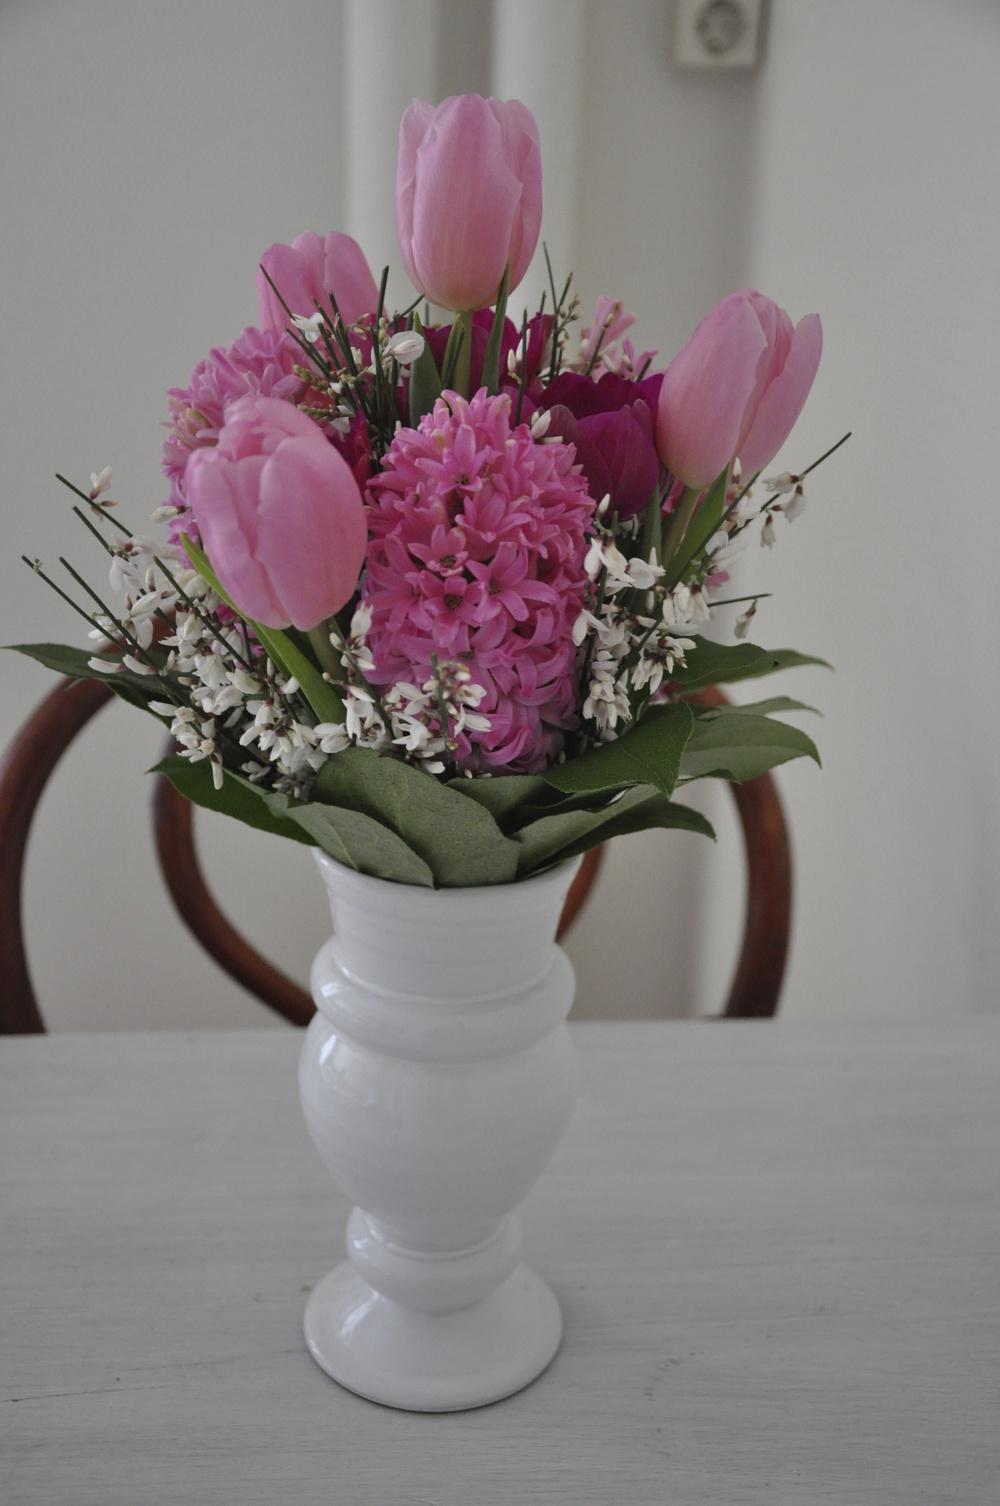 Rosa blombukett med tulpaner och  hyacinter   Foto:  Palatsliv